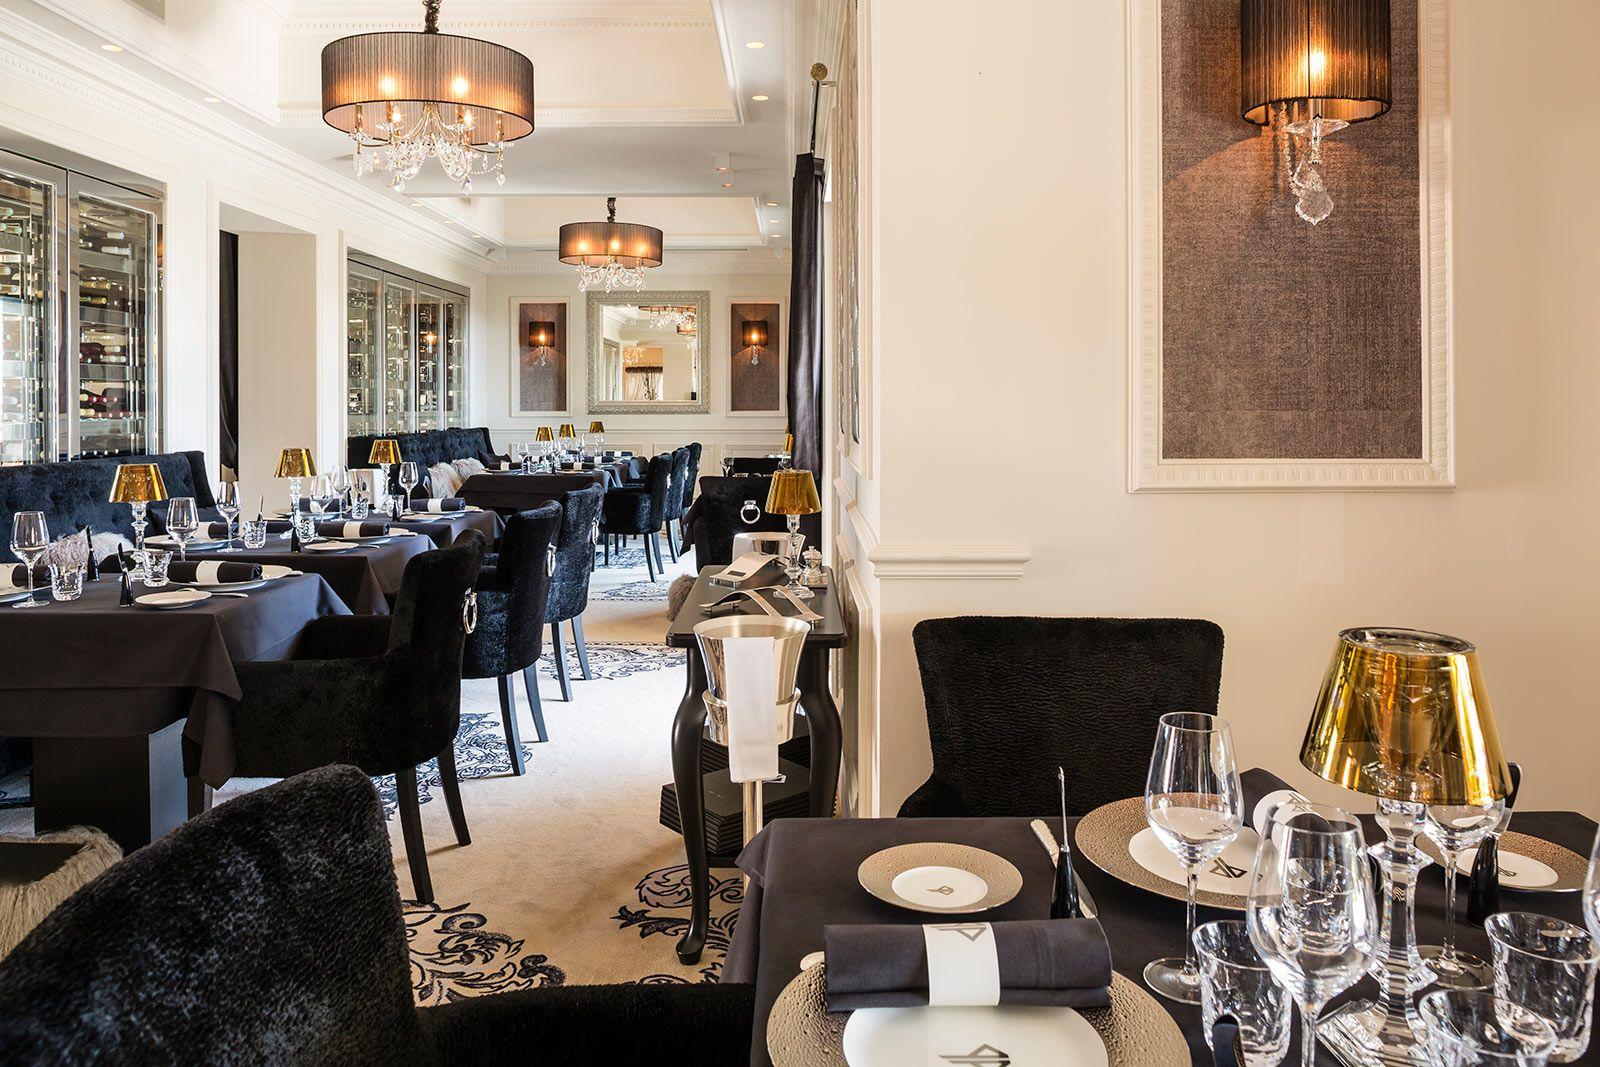 Restaurant Gastronomique Cote D Azur Restaurant Cafe Design Home Decor